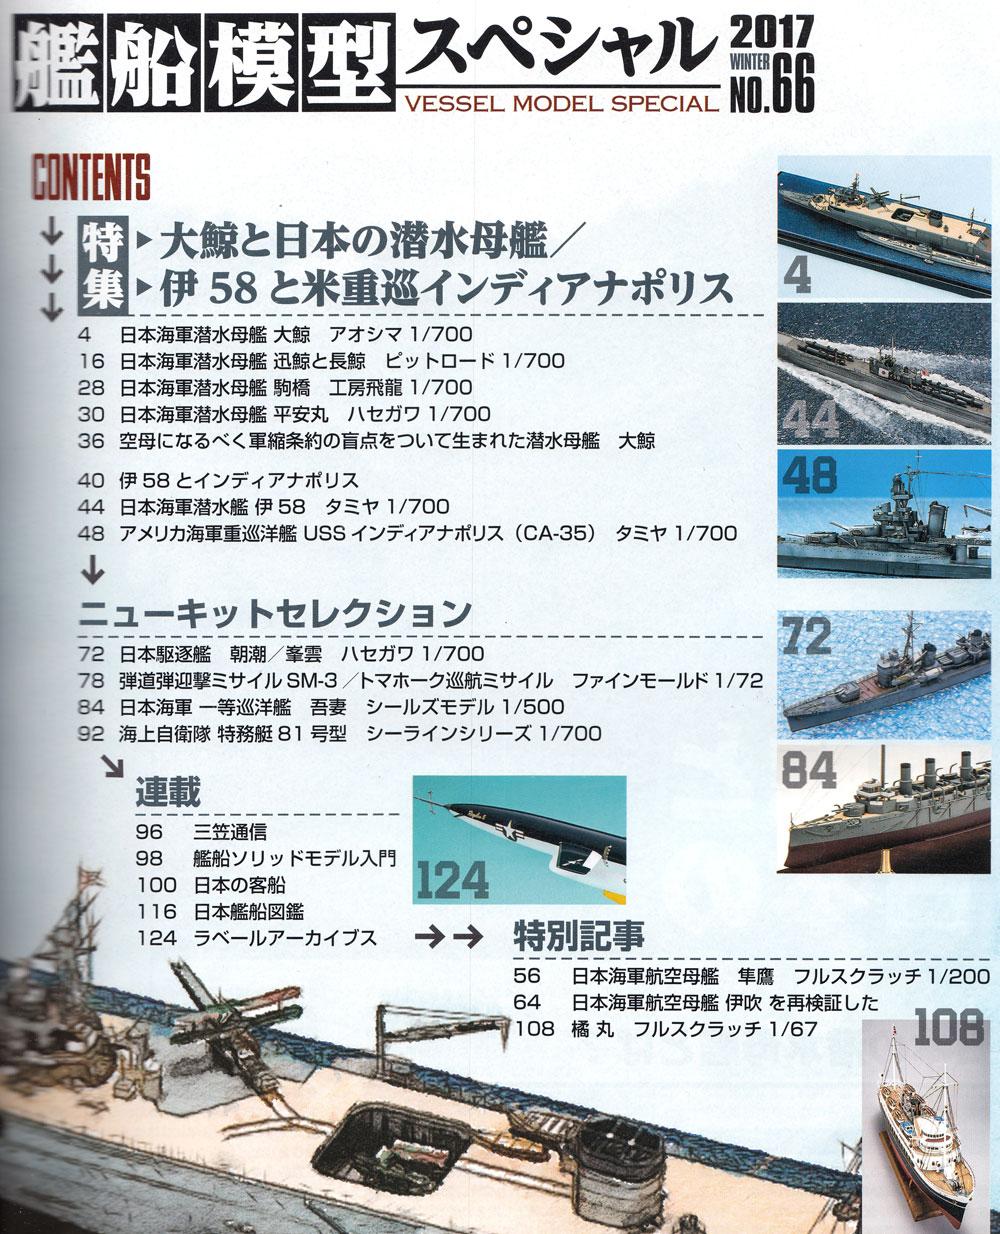 艦船模型スペシャル No.66 大鯨と日本の潜水母艦 / 伊58と米重巡インディアナポリス本(モデルアート艦船模型スペシャルNo.066)商品画像_1